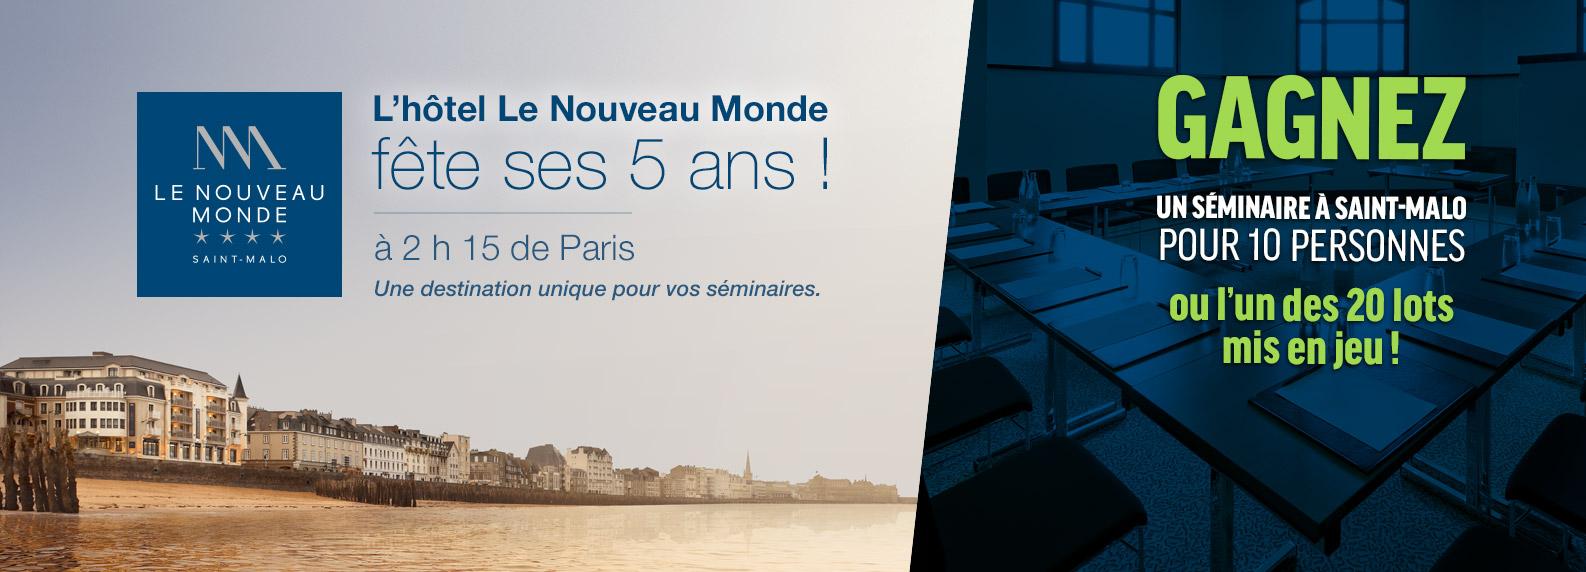 Gagner un seminaire à Saint-Malo en Bretagne